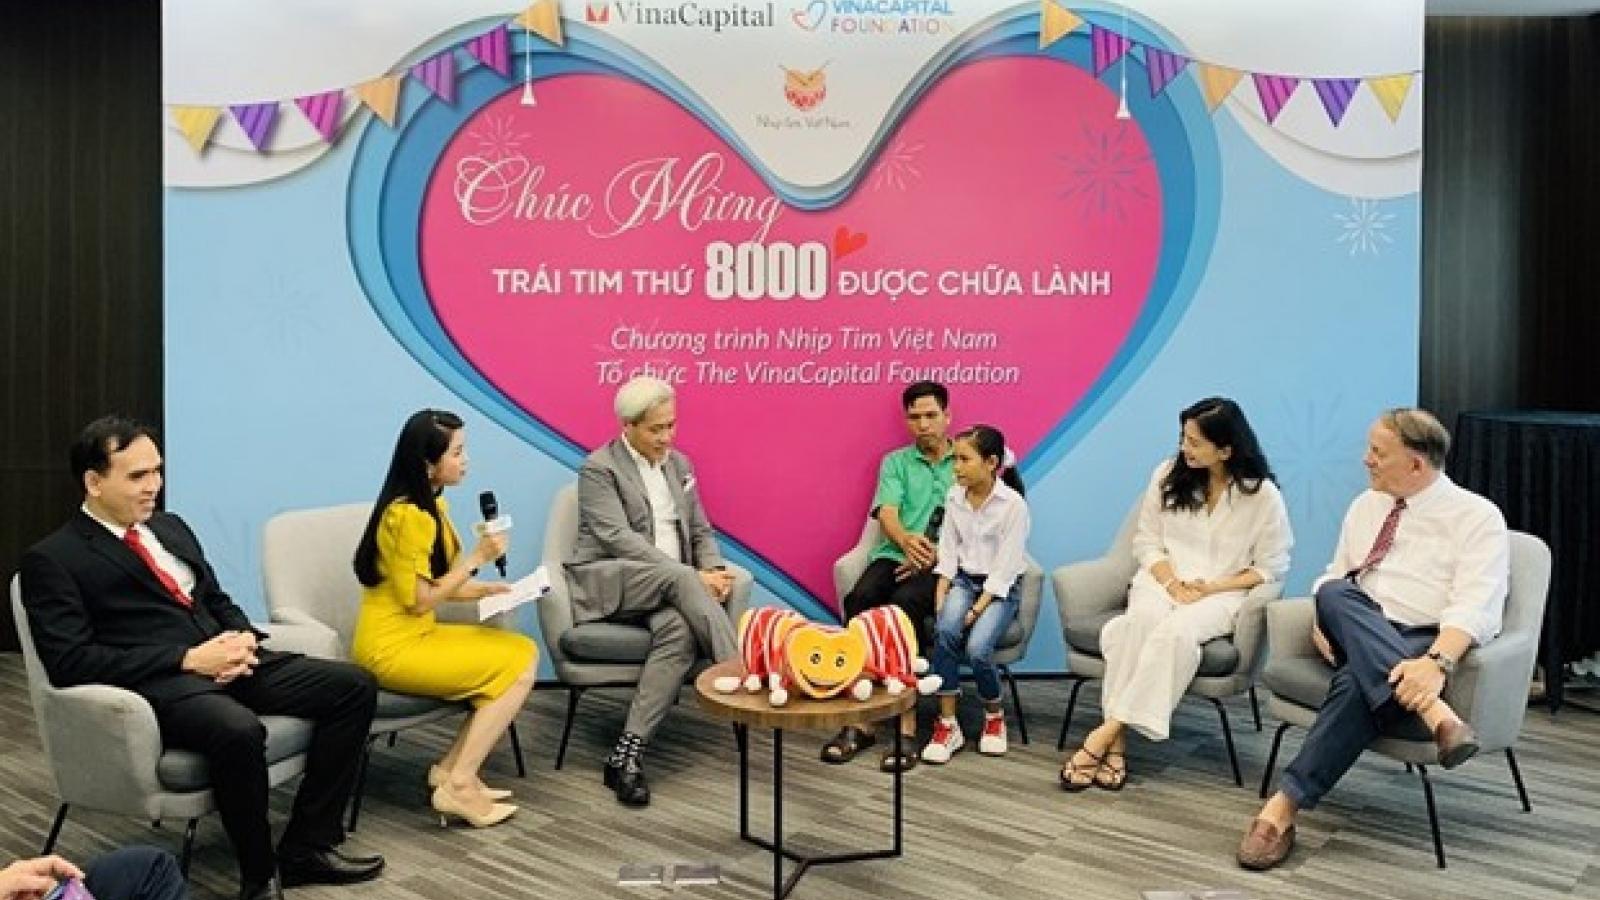 HeartBeat Vietnam funds 8,000 heart operations for disadvantaged children